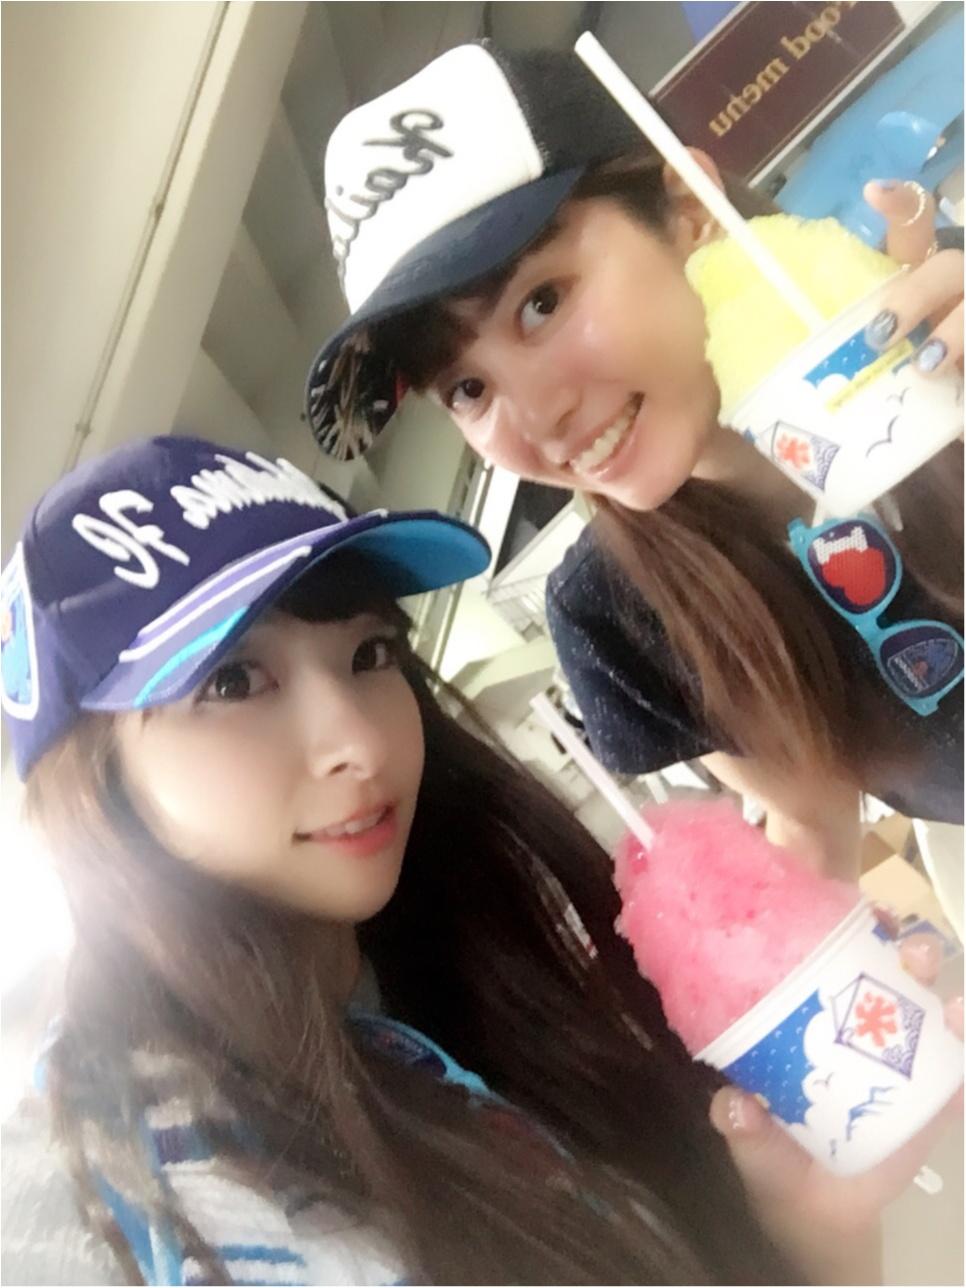 ♡サッカー観戦×モアハピ女子会(*>ω<*)‼︎【横浜FC】♡モアハピ◡̈のぞみ♡_17